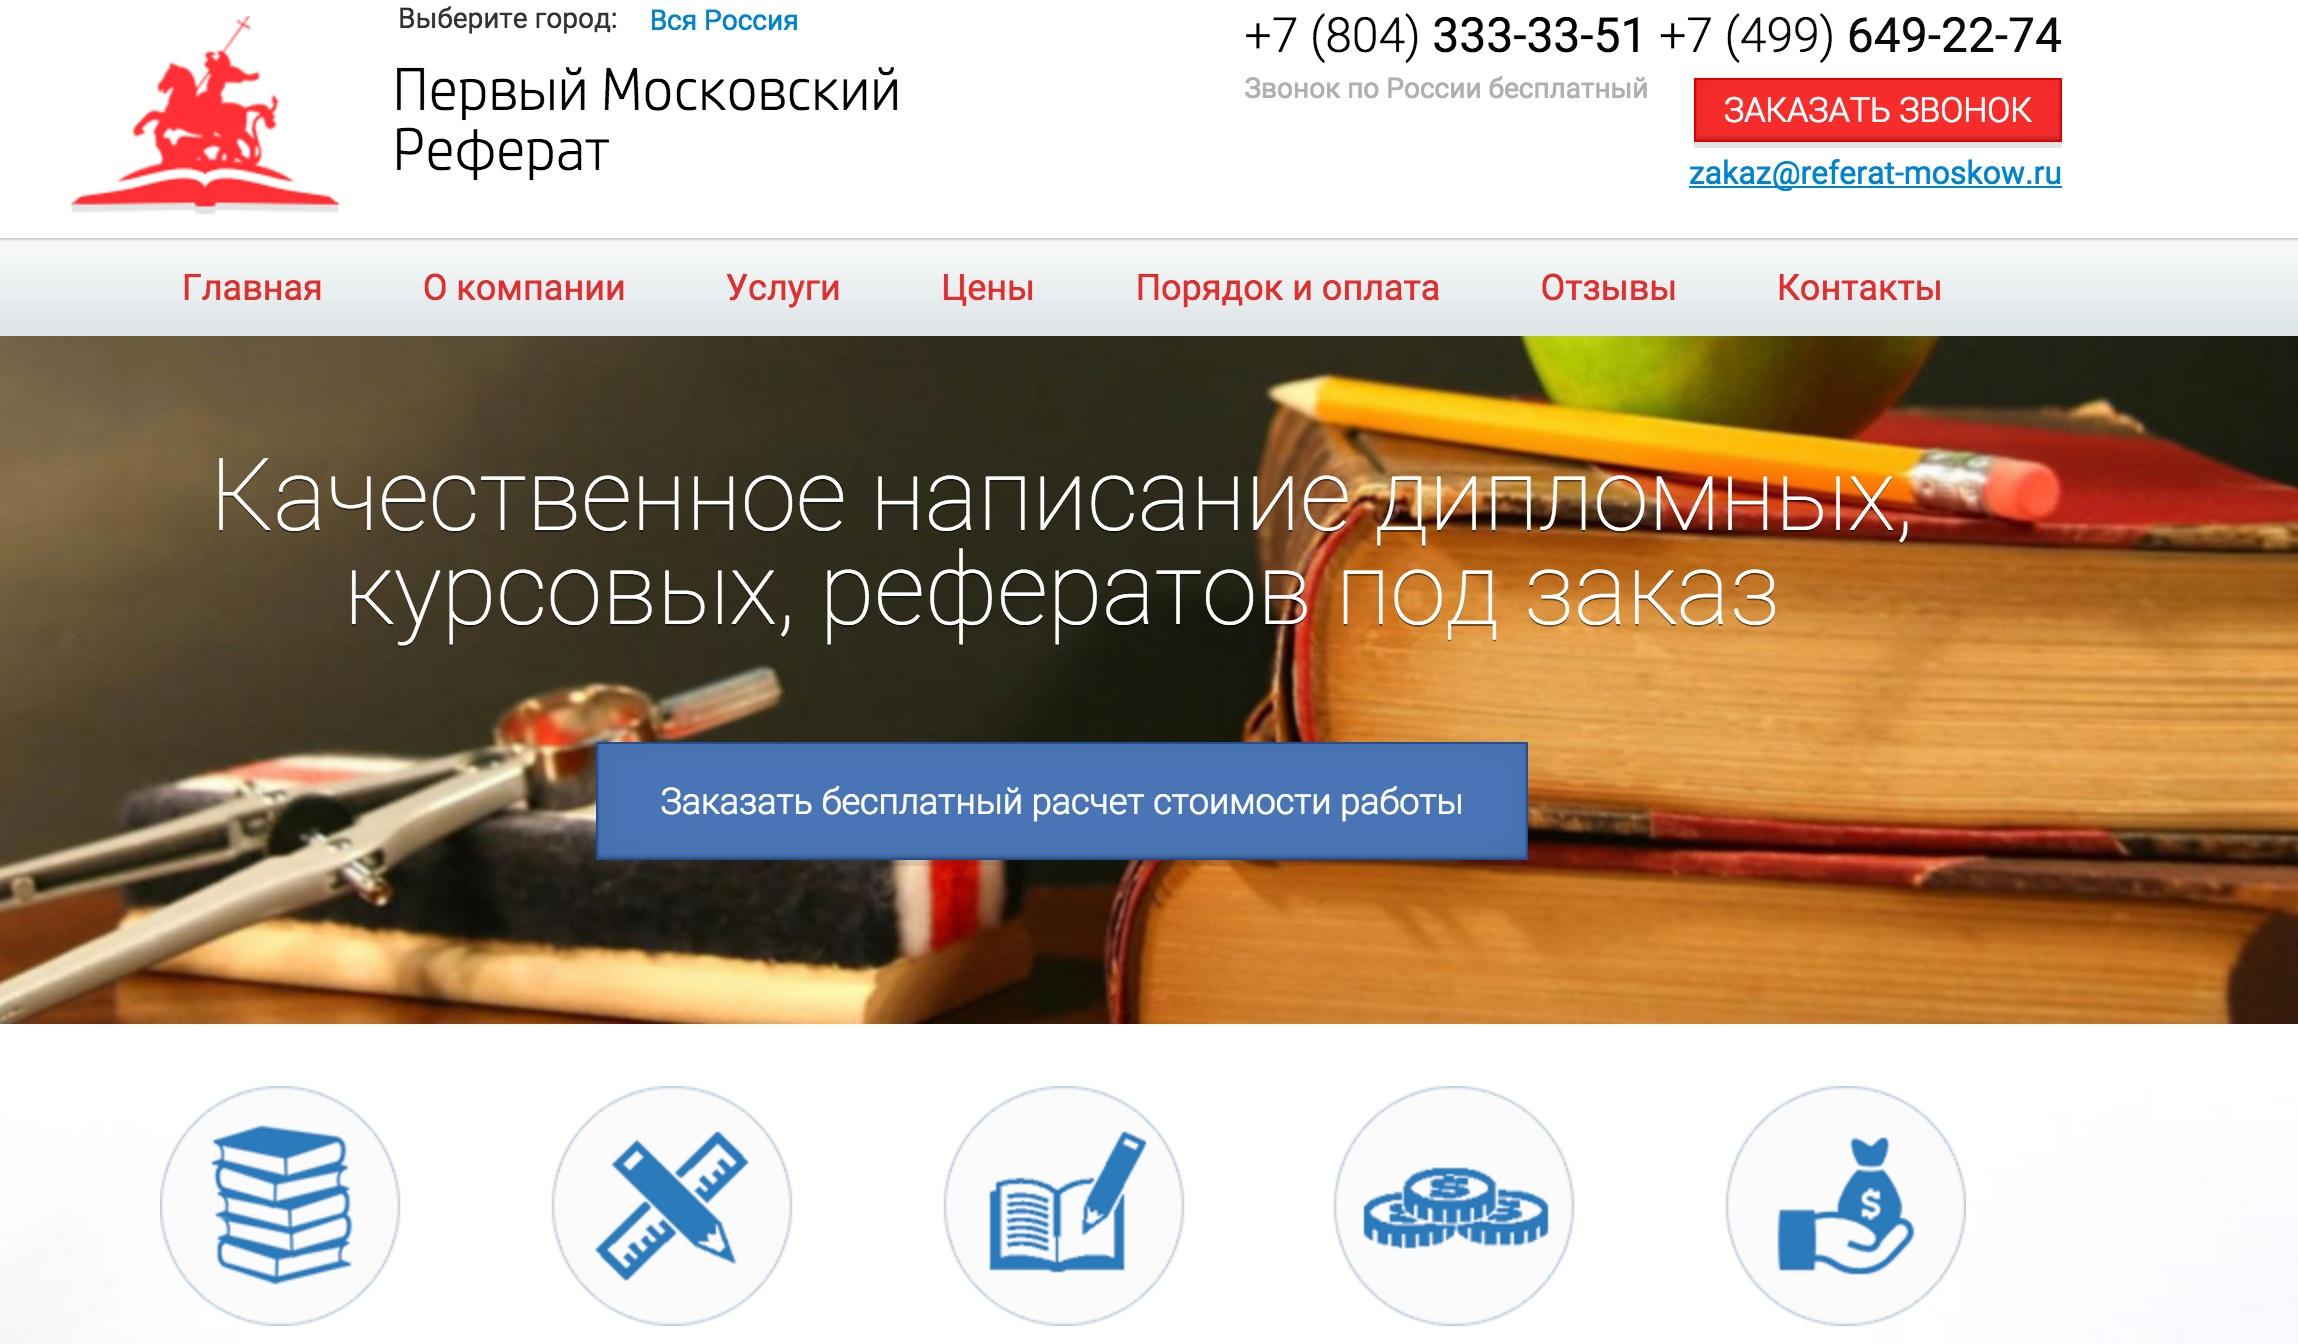 Все компании Первый Московский Реферат